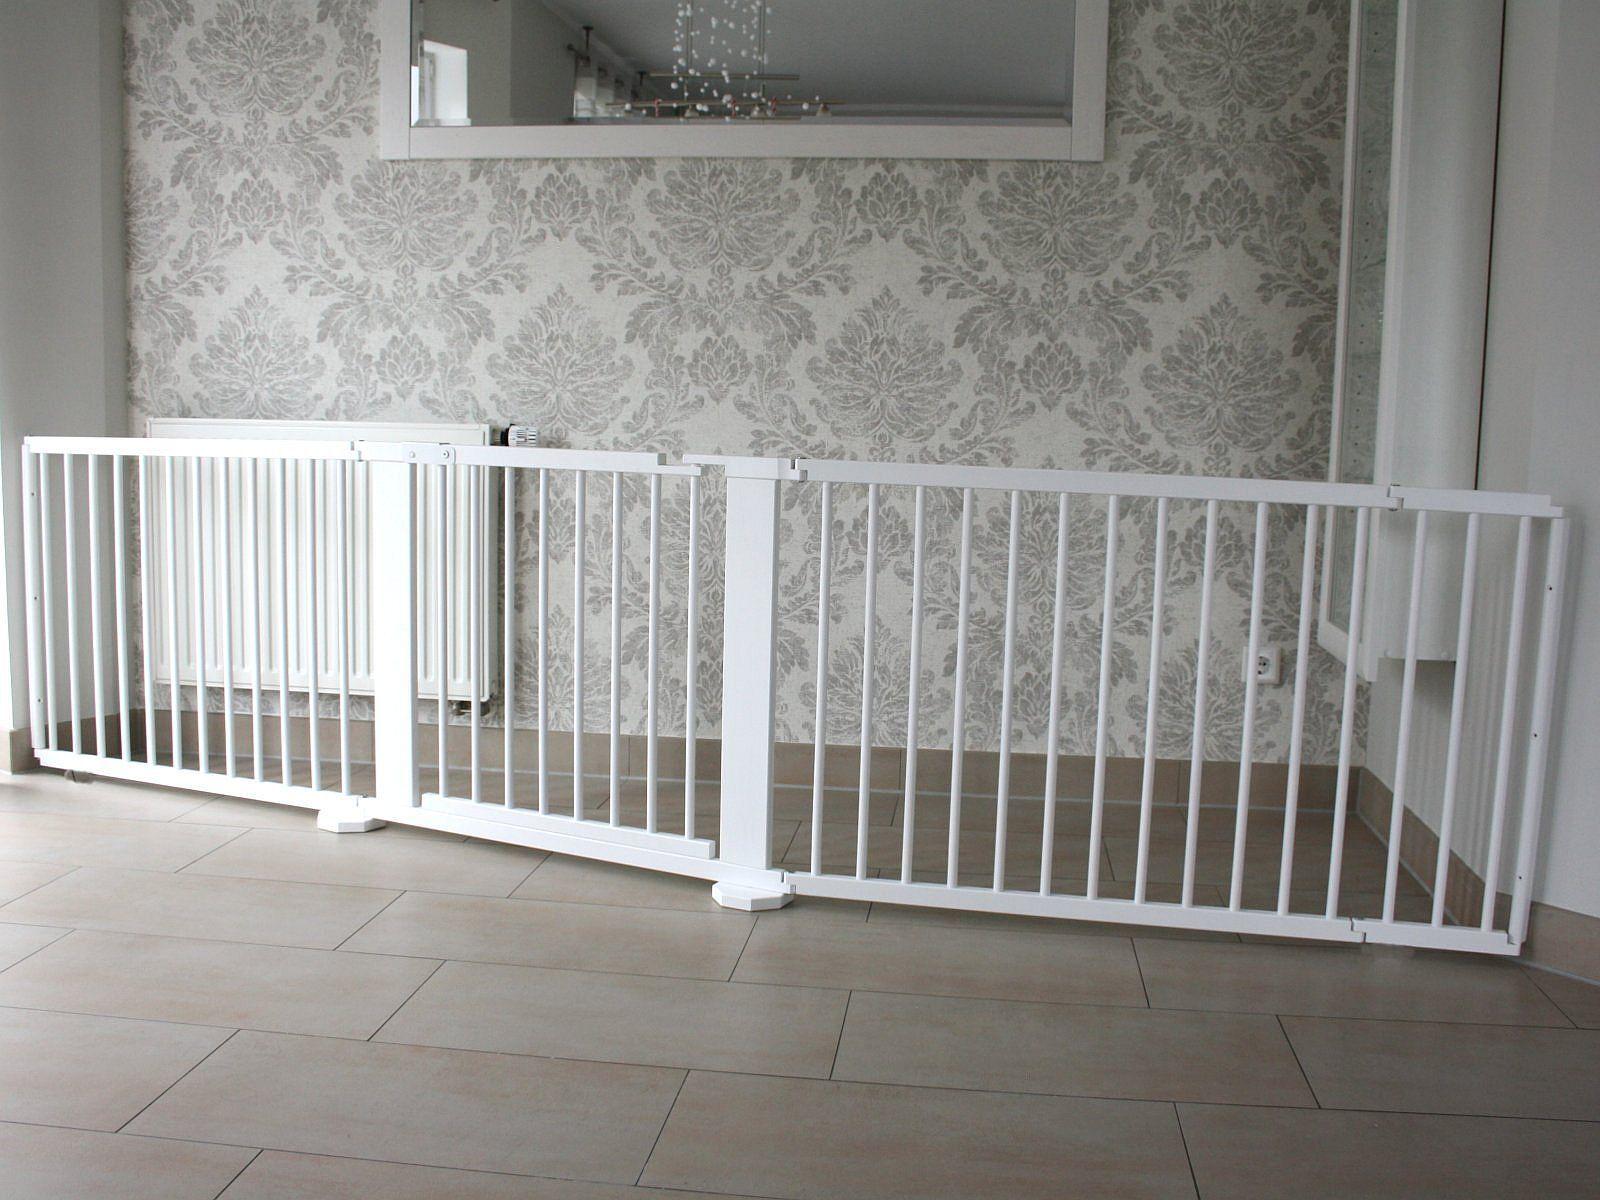 Griglia di protezione transenne türgitter scale scale scale griglia di protezione 323 cm massiccio Bianco 640d4f